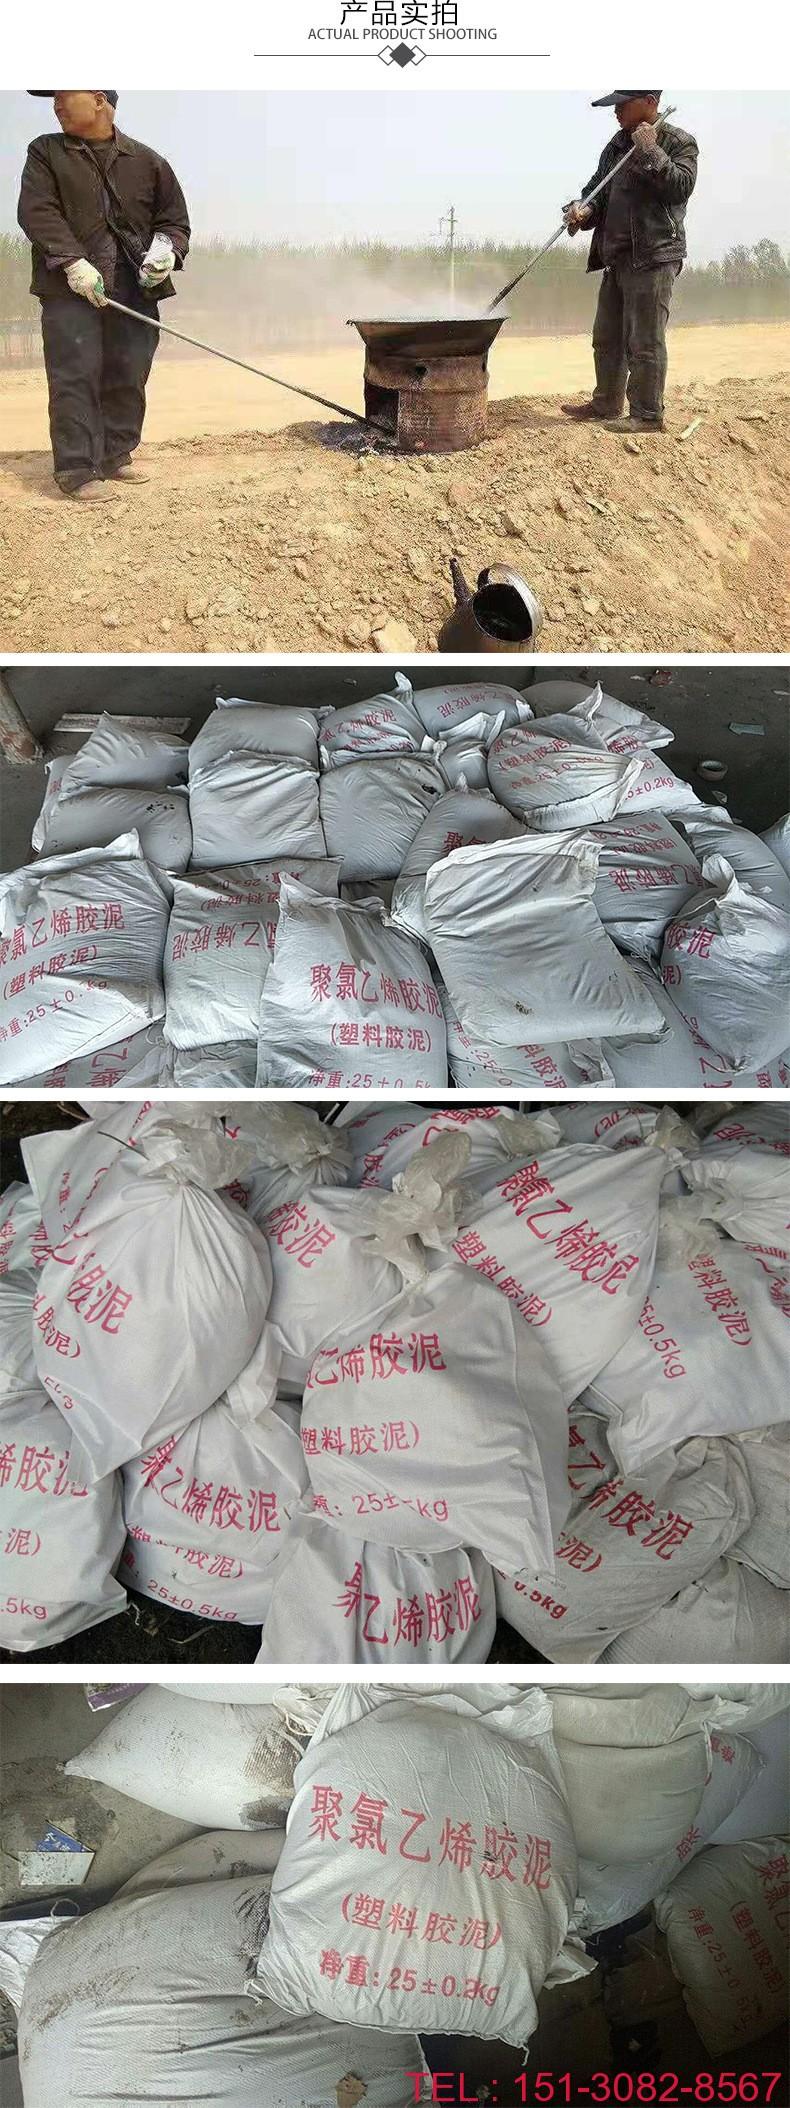 聚氯乙烯胶泥 嵌缝防水油膏 pvc塑料胶泥 25公斤装 科运金质9